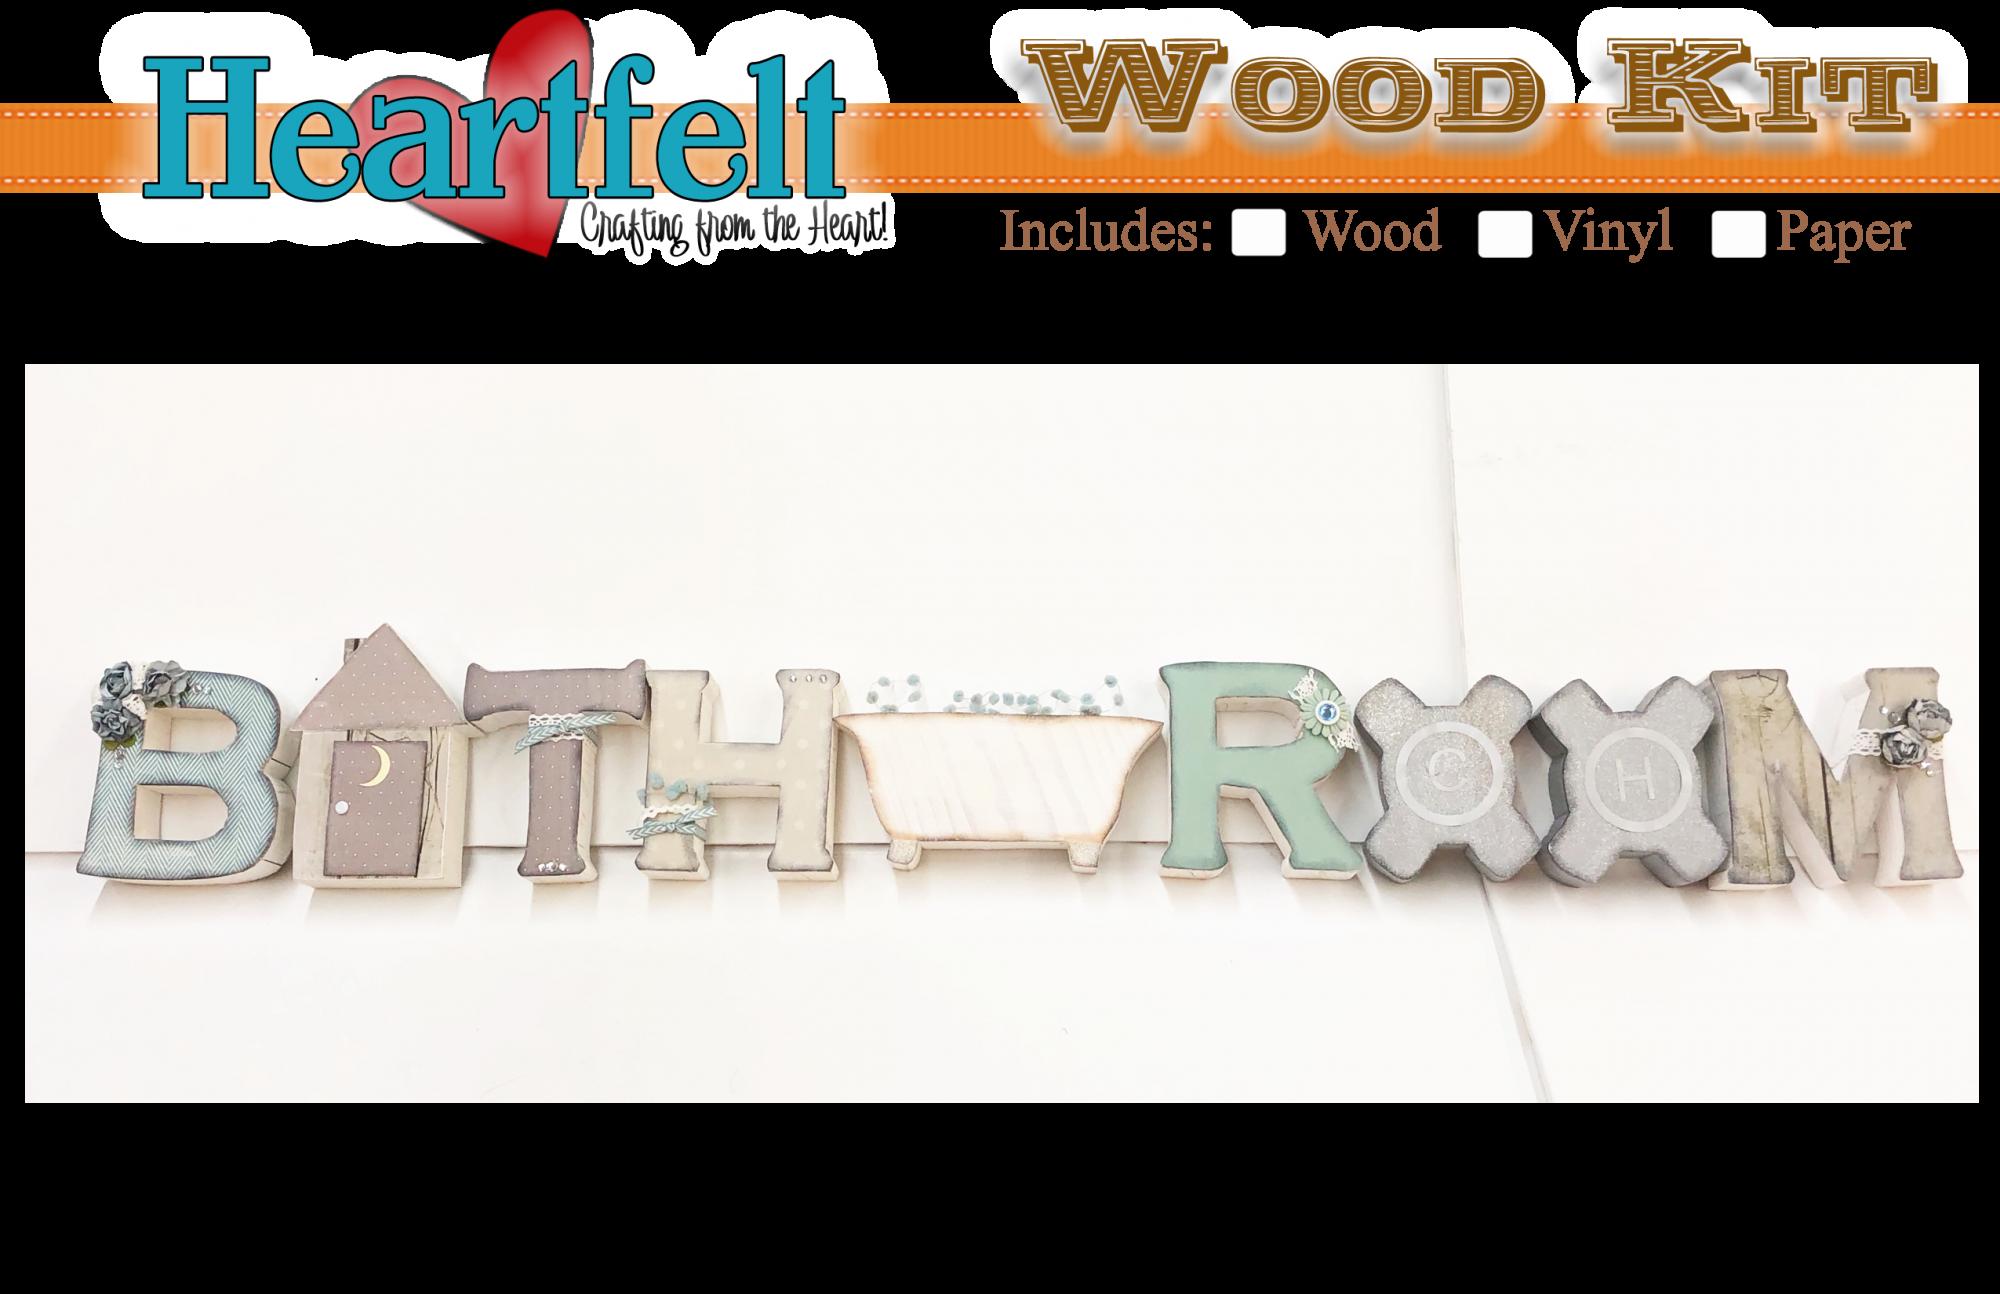 Bathroom Wood/paper